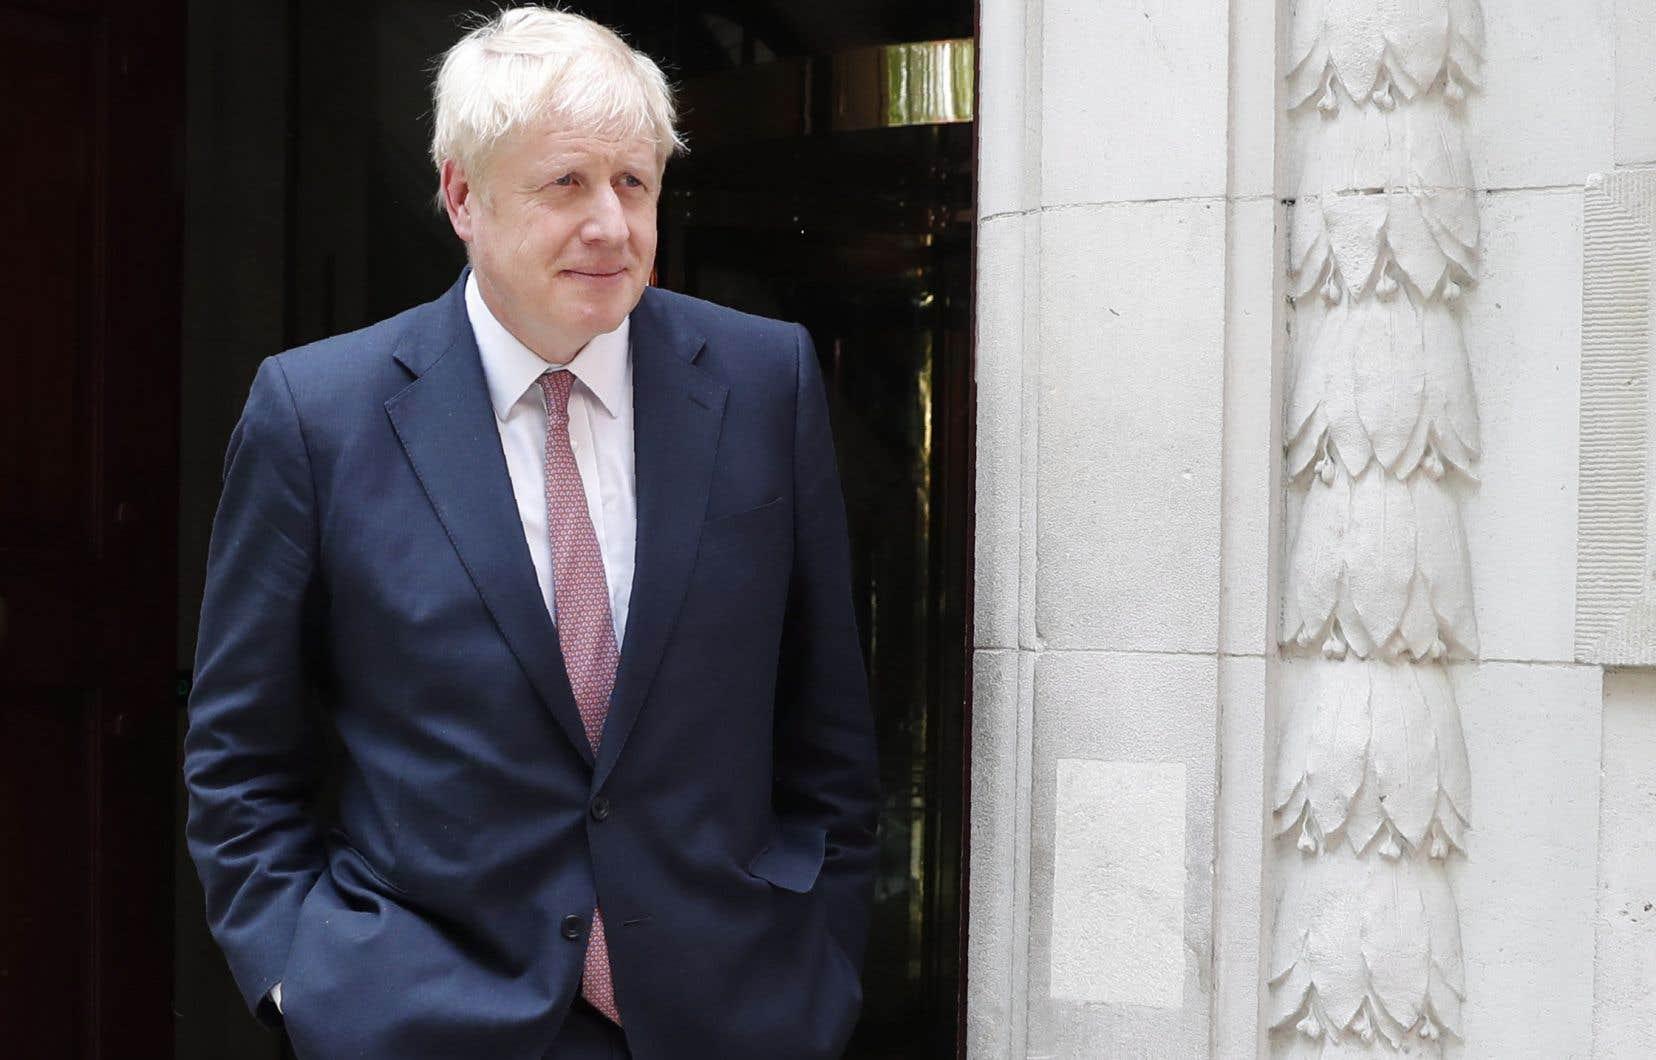 Politicien habile et charismatique à l'ambition dévorante, Boris Johnson jouit du soutien de nombreux militants de la base du Parti conservateur, qui voient en lui le chef idoine pour remettre le Brexit sur les rails.